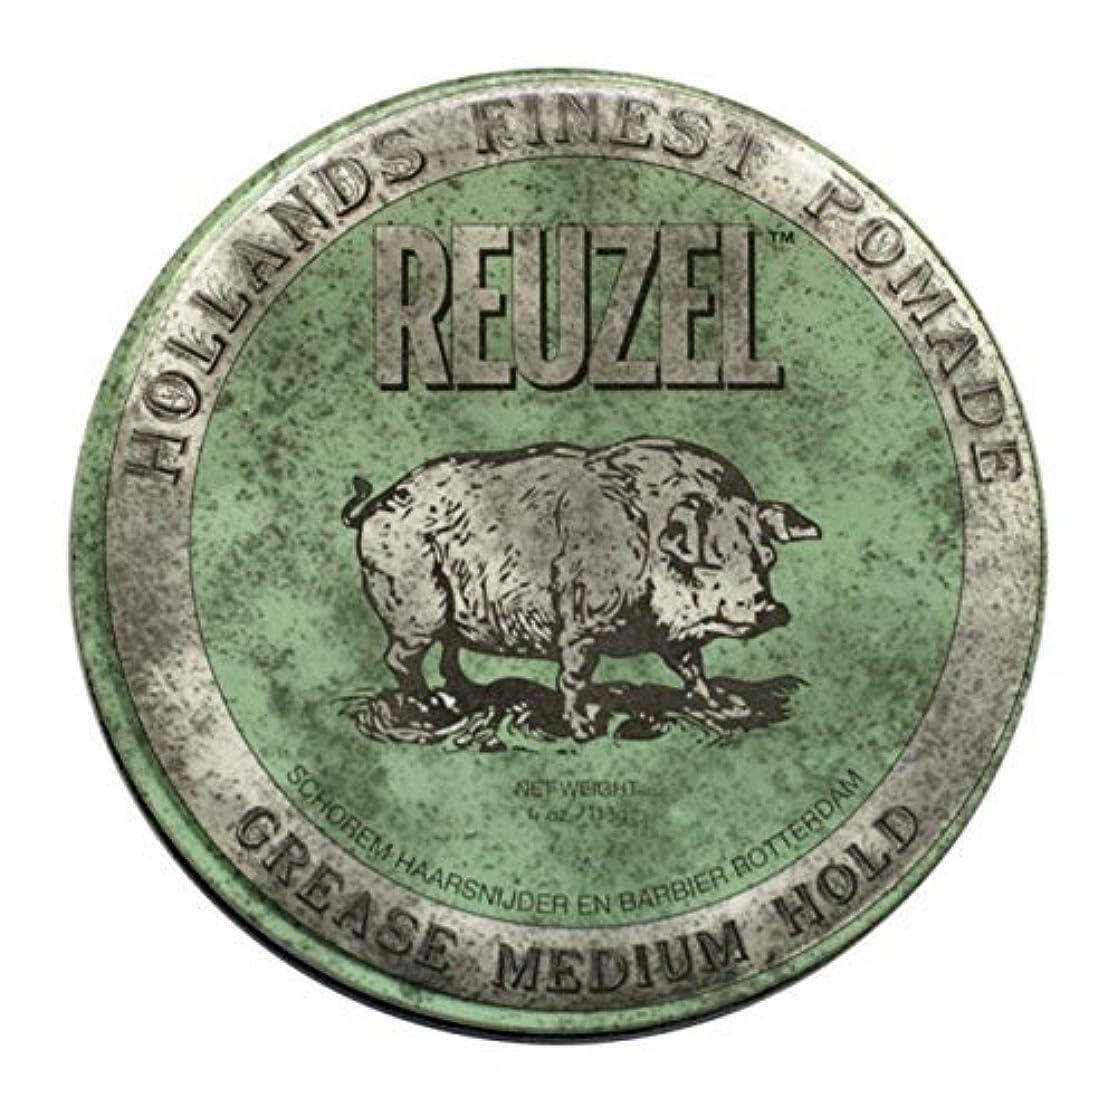 顧問ディプロマ代わりにREUZEL Grease Hold Hair Styling Pomade Piglet Wax/Gel, Medium, Green, 1.3 oz, 35g [並行輸入品]